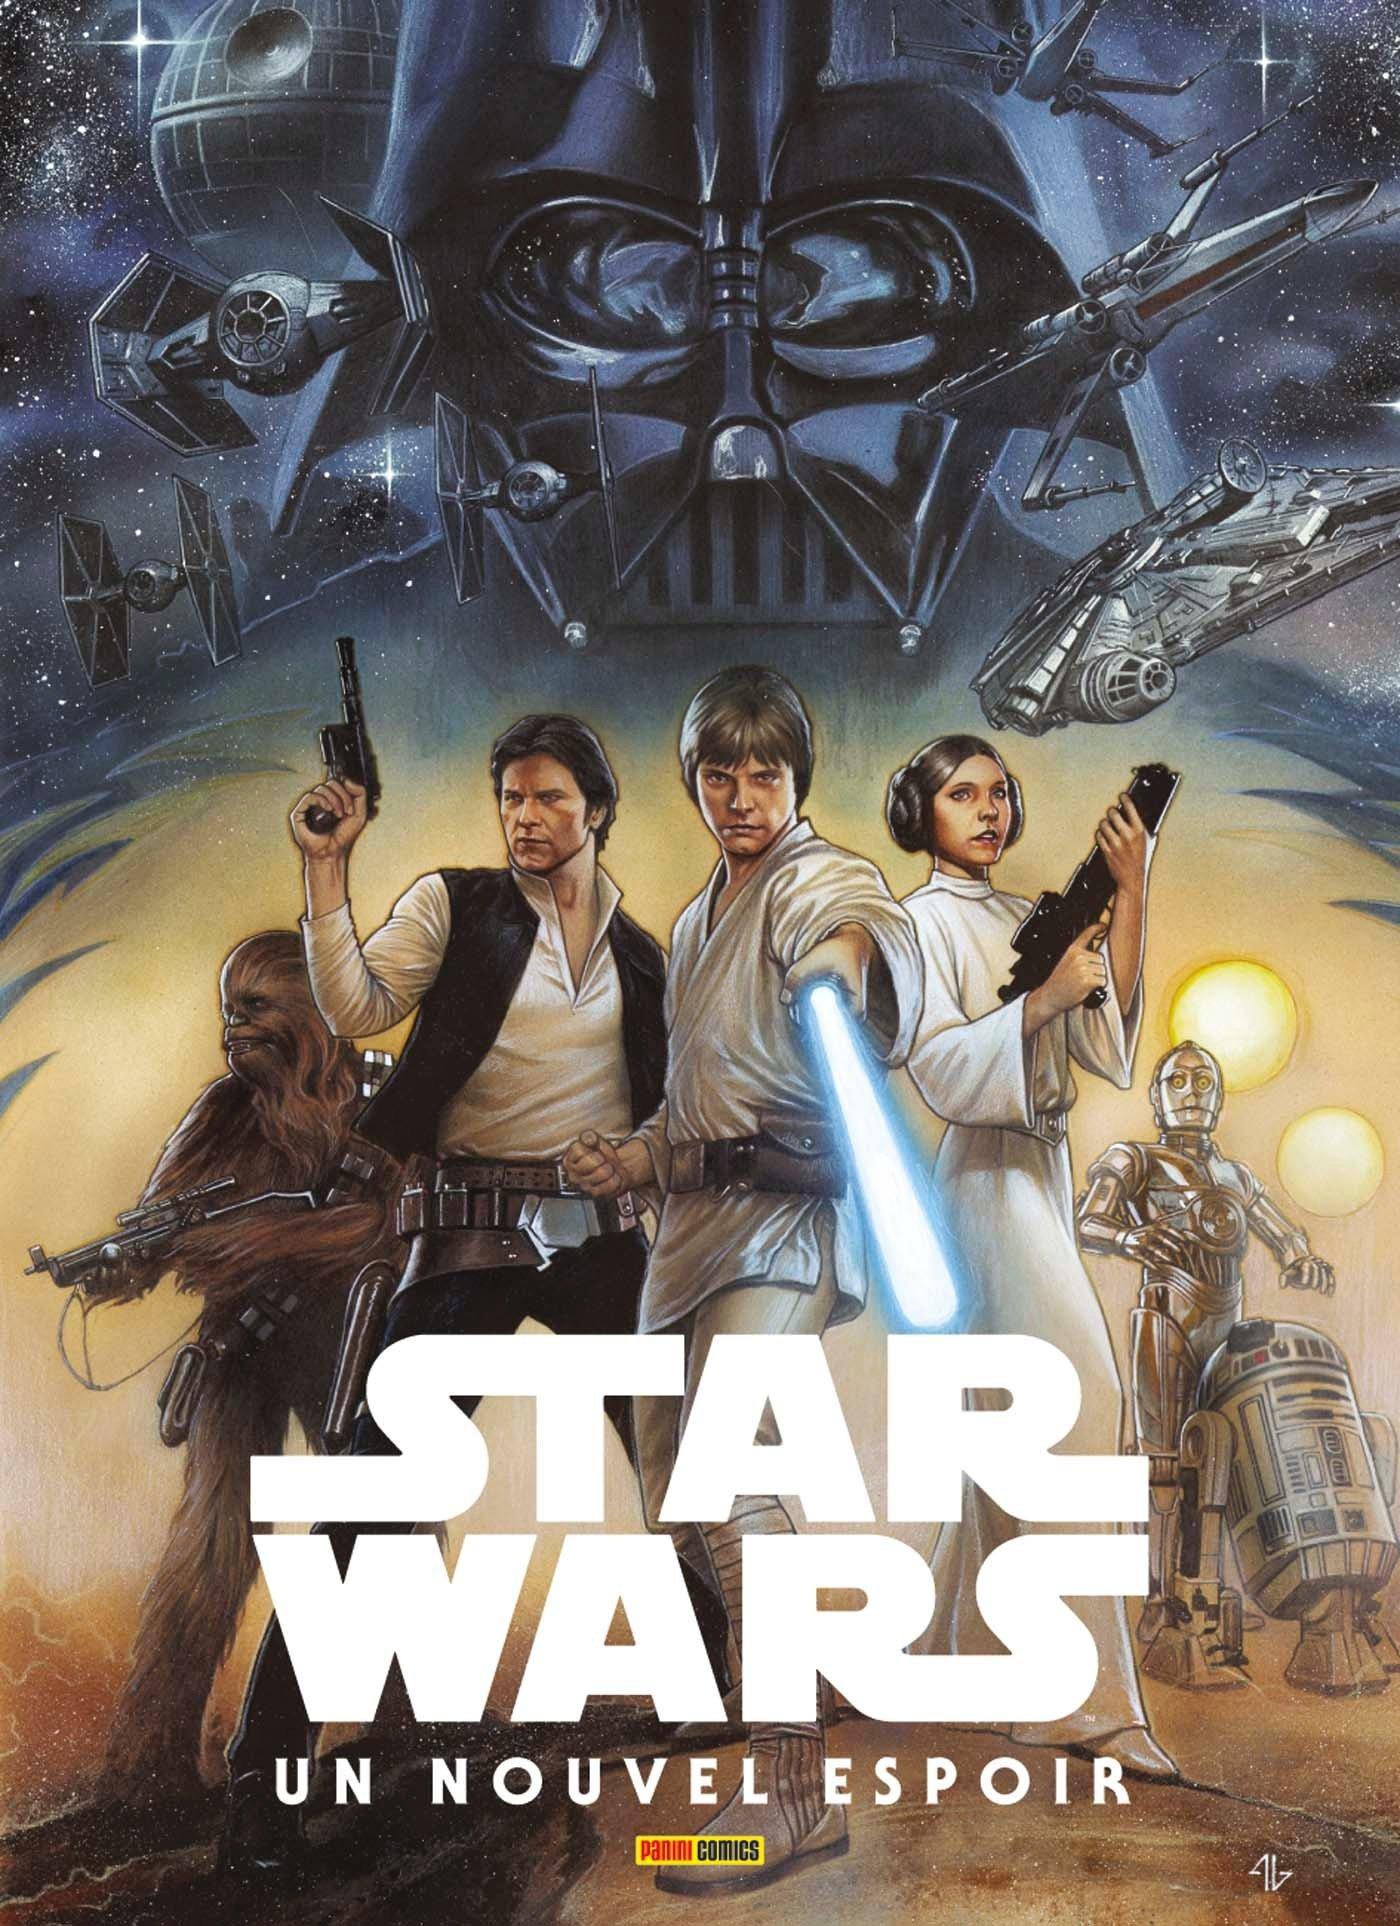 star wars épisode iv un nouvel espoir